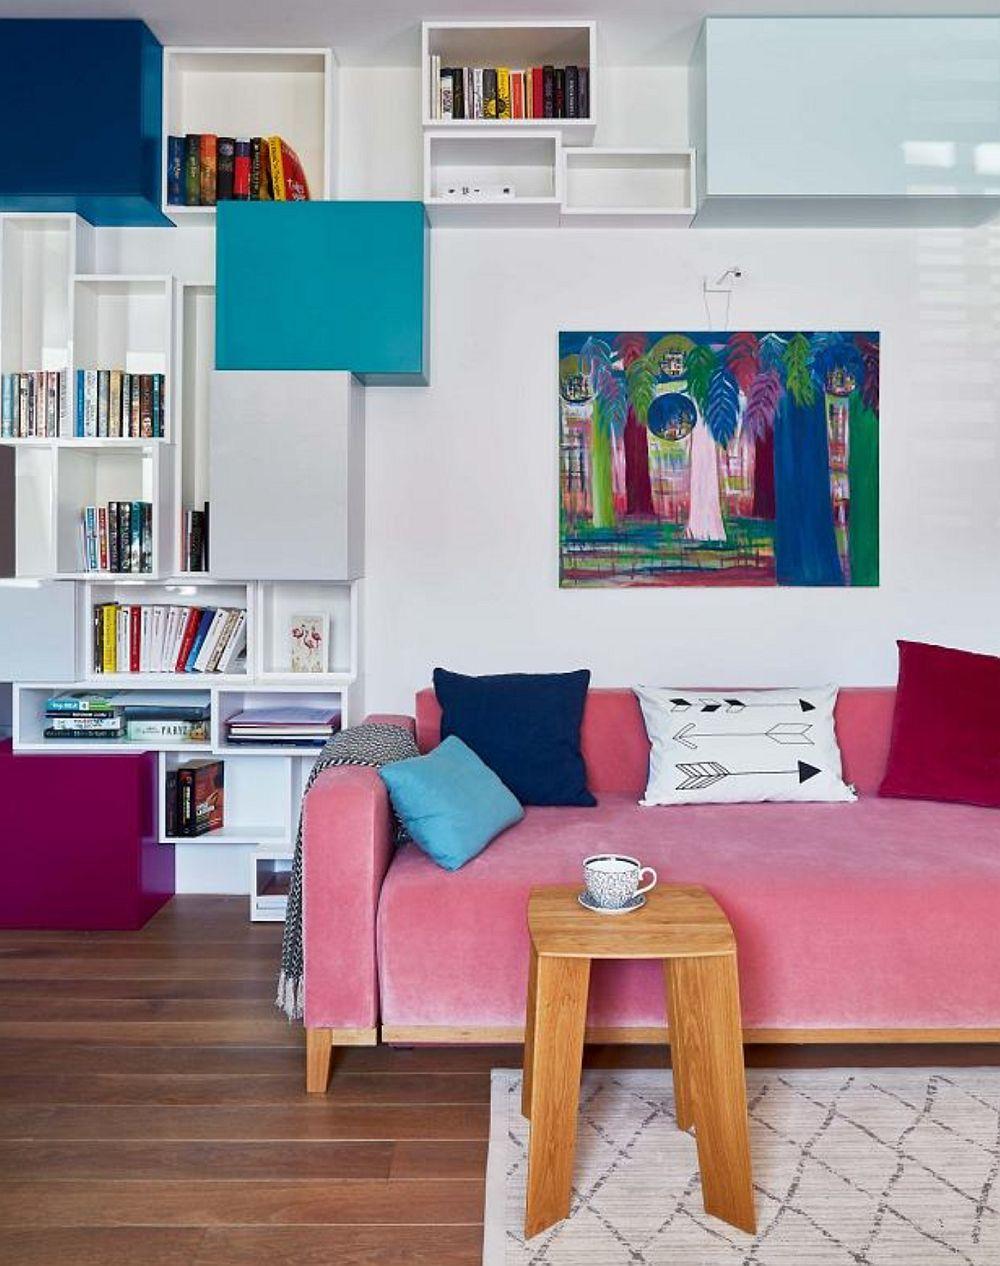 Da, proprietara și-a dorit toate aceste culori, așa că designerii i-au conceput o bibliotecă ce formează un ansamblu de cuburi colorate, pe lângă prezența decorațiunilor textile (perne decorative) și a tapițeriilor. Piesele mici de mobilier au fost alese cu picioare sau integral din lemn pentru a compensa paleta rece de culori.